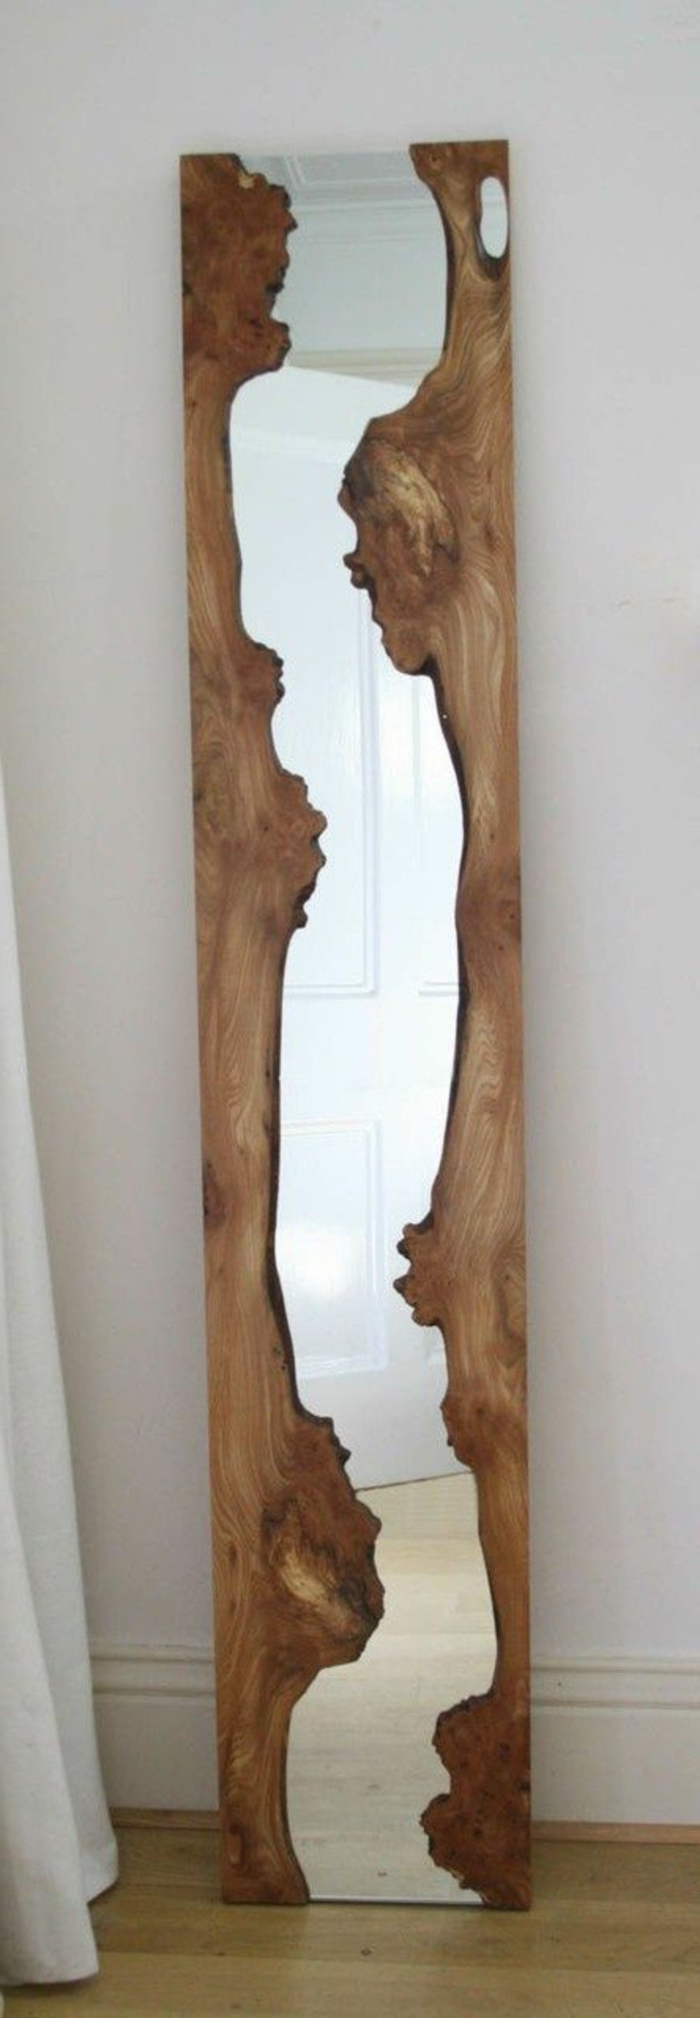 branche-bois-flotté-table-bois-flotté-bois-flotté-bricolage-tronc-arbre-deco-le-mirroire